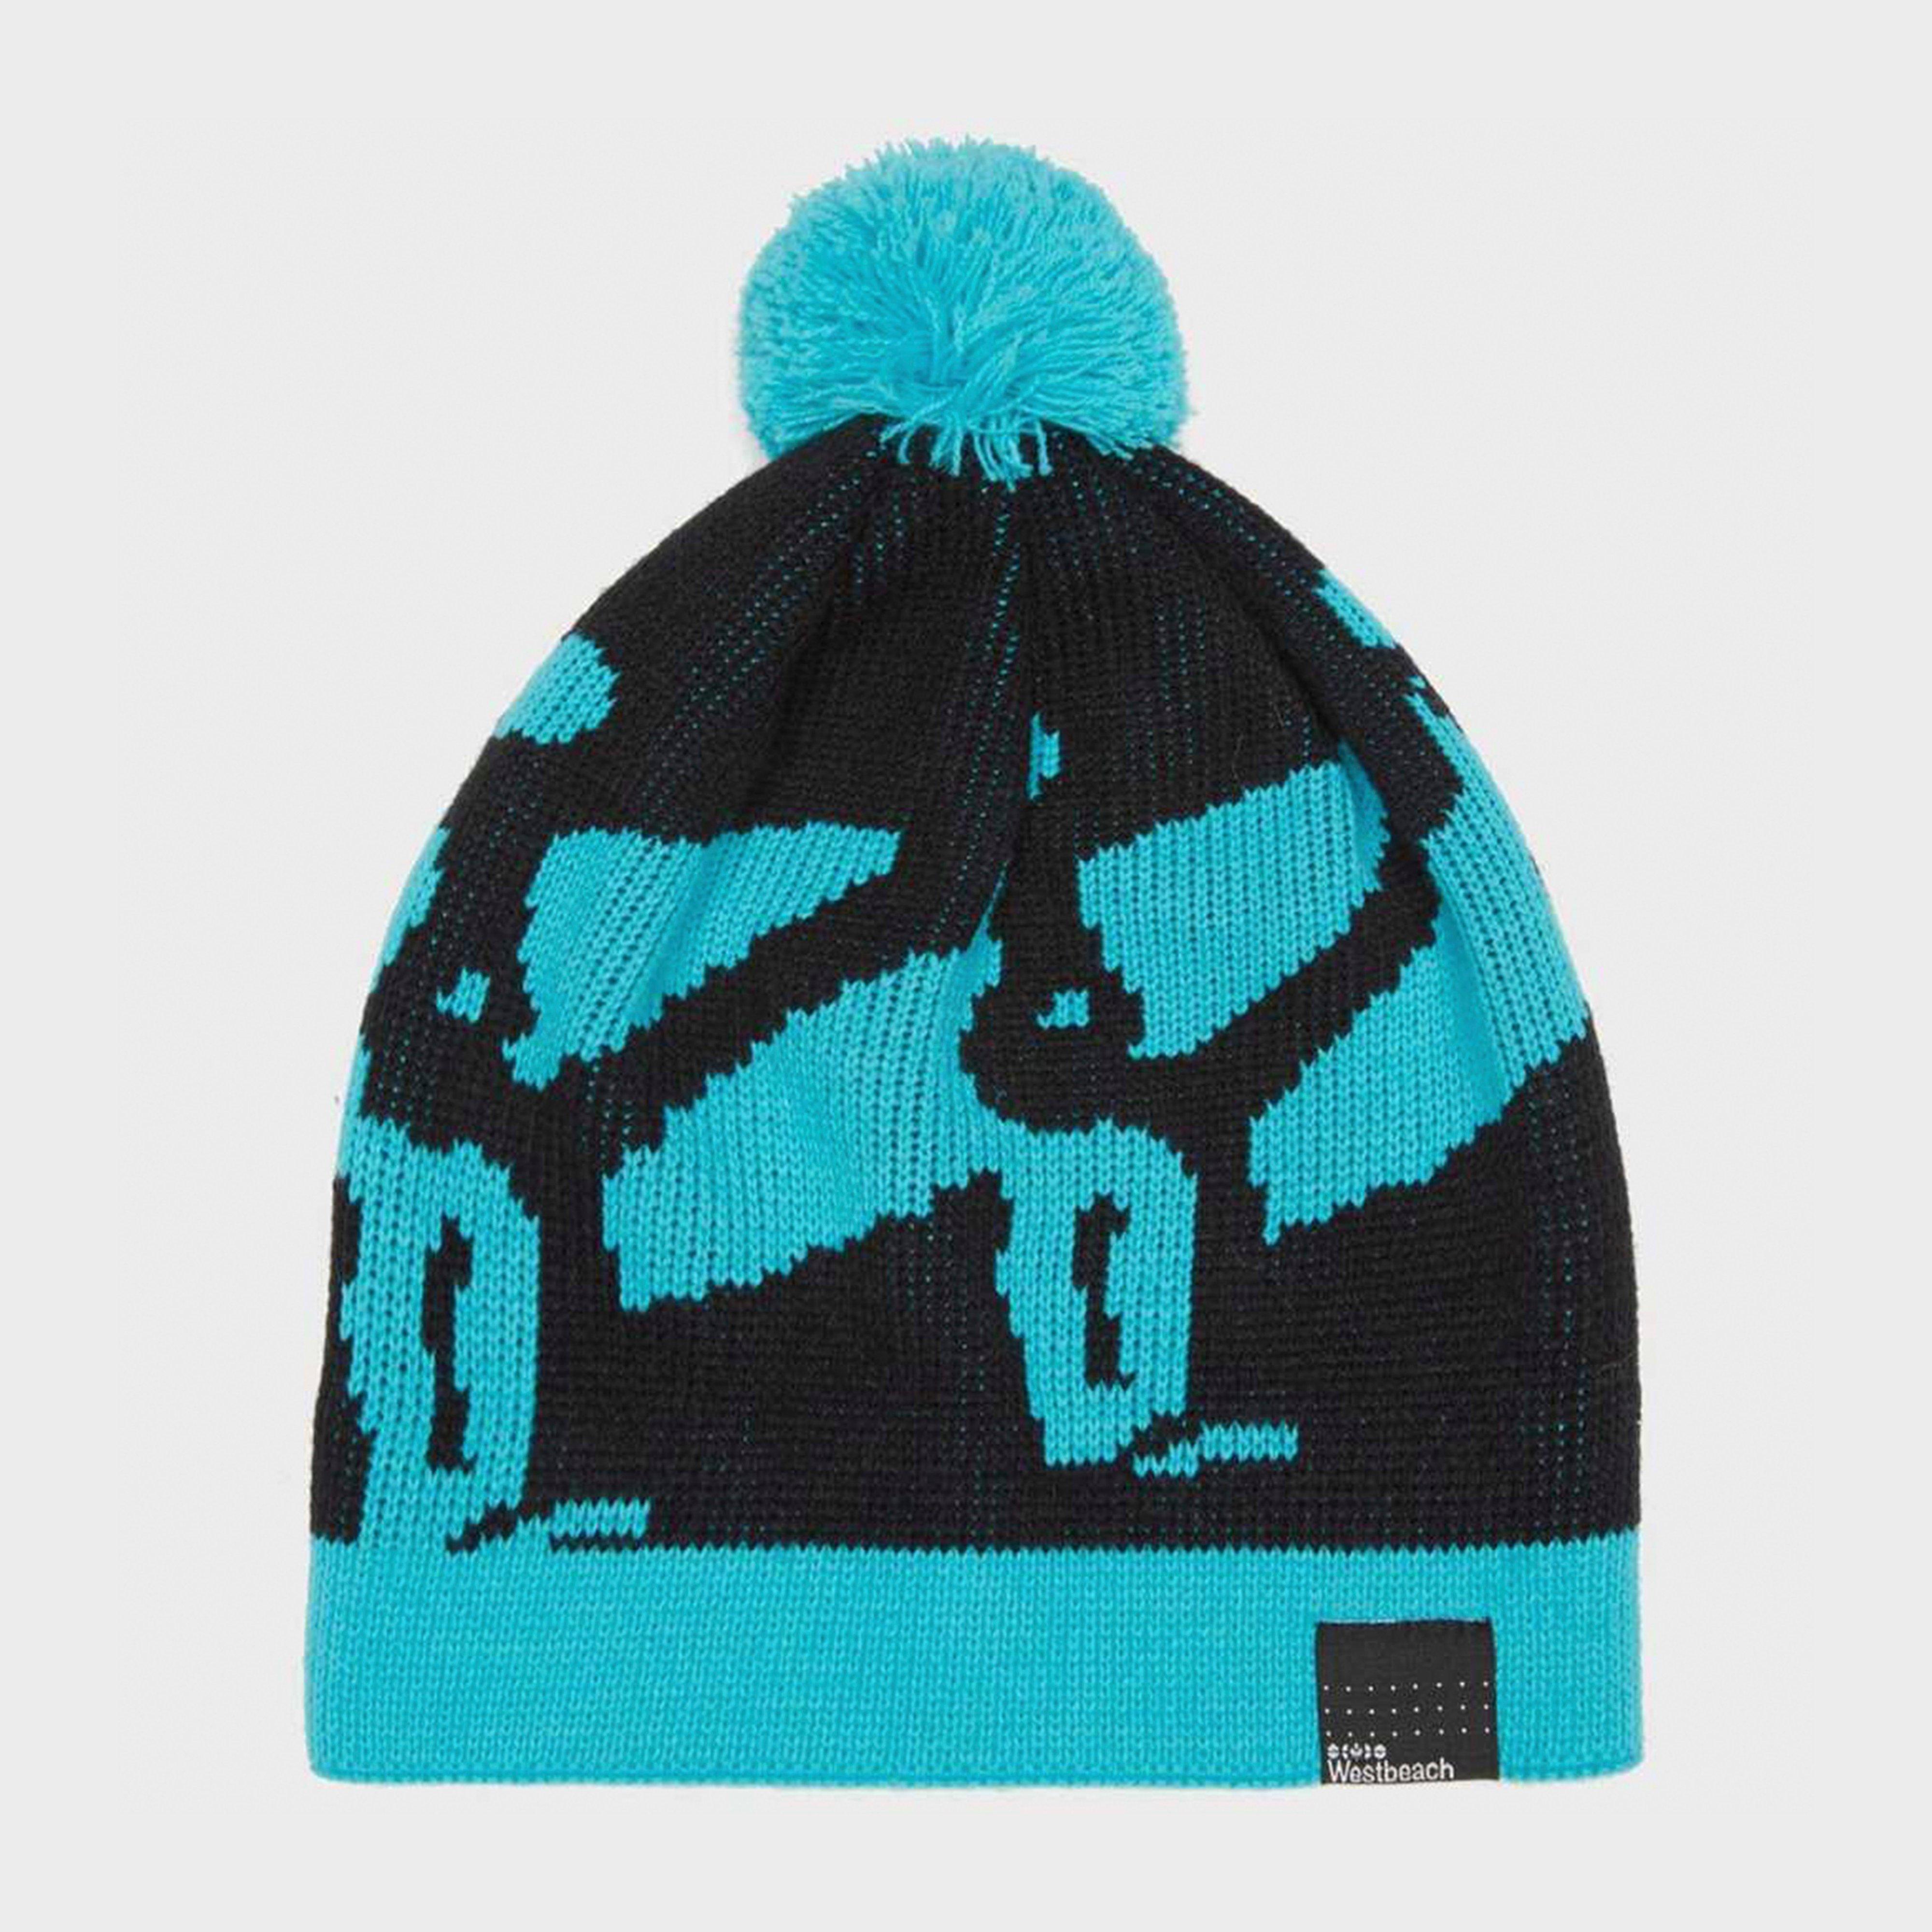 Westbeach Westbeach Toque Beanie Hat - Blue, Blue